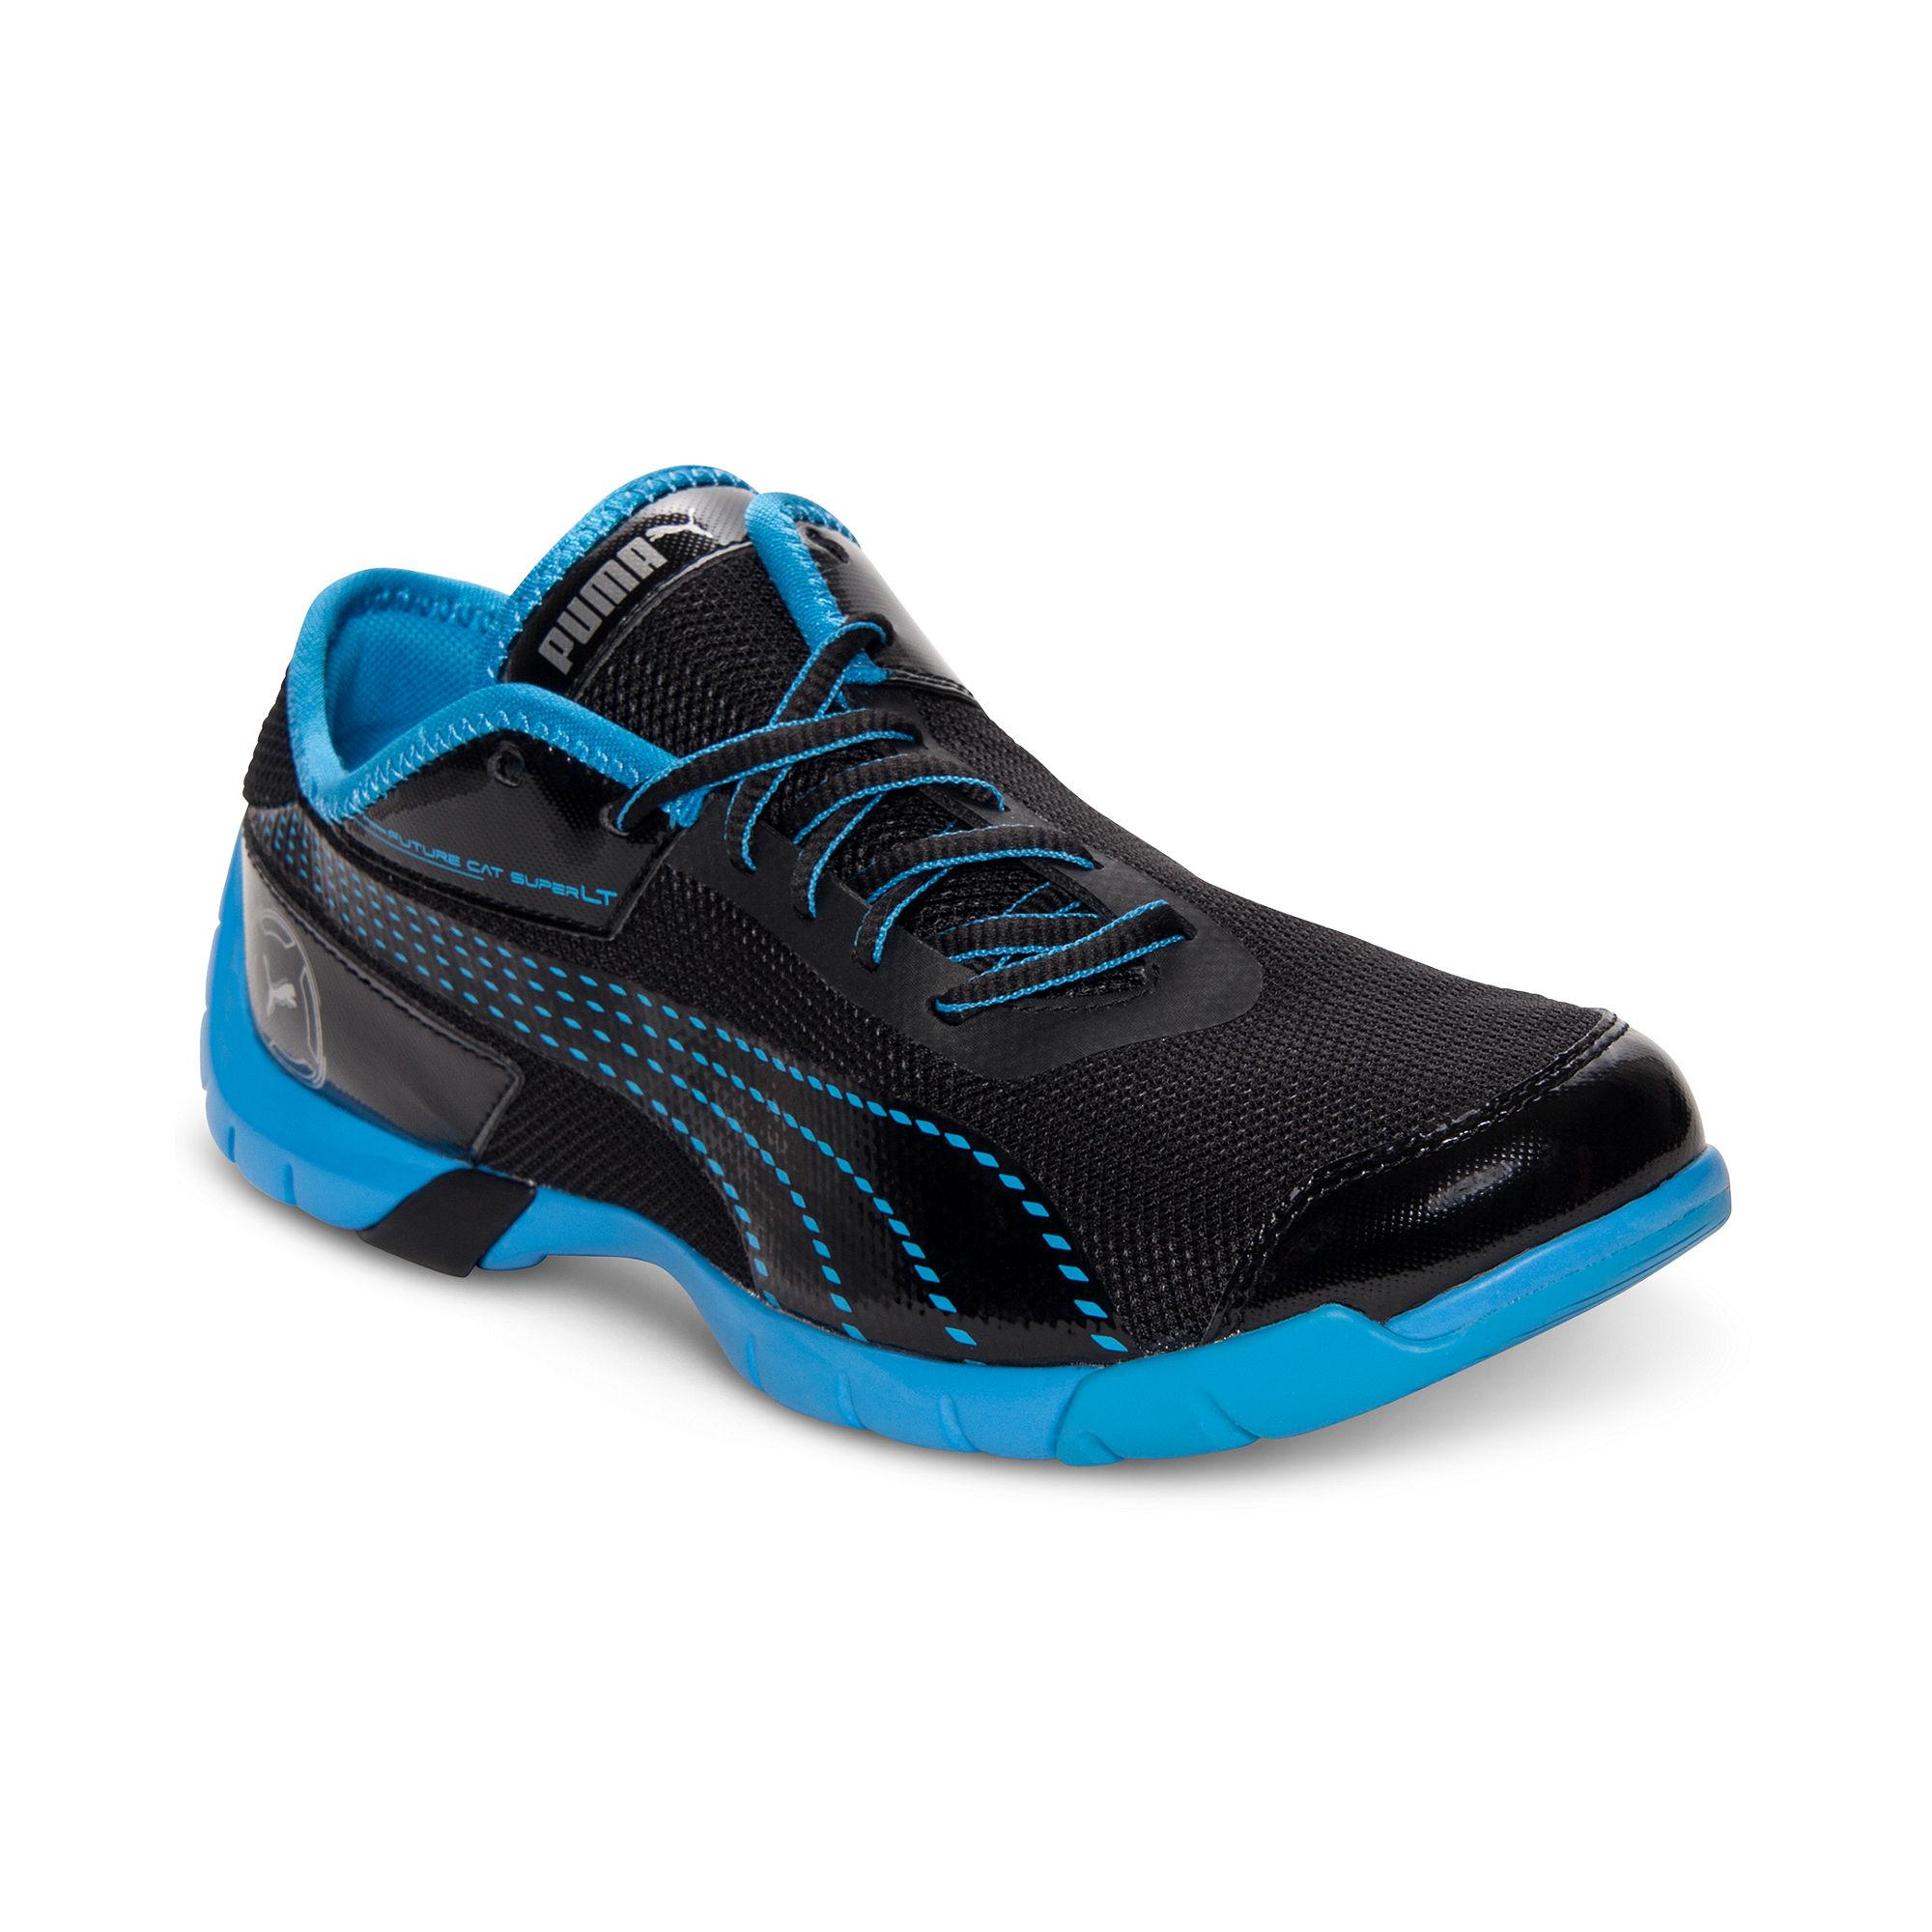 PUMA Future Cat Super Lt Sneakers in